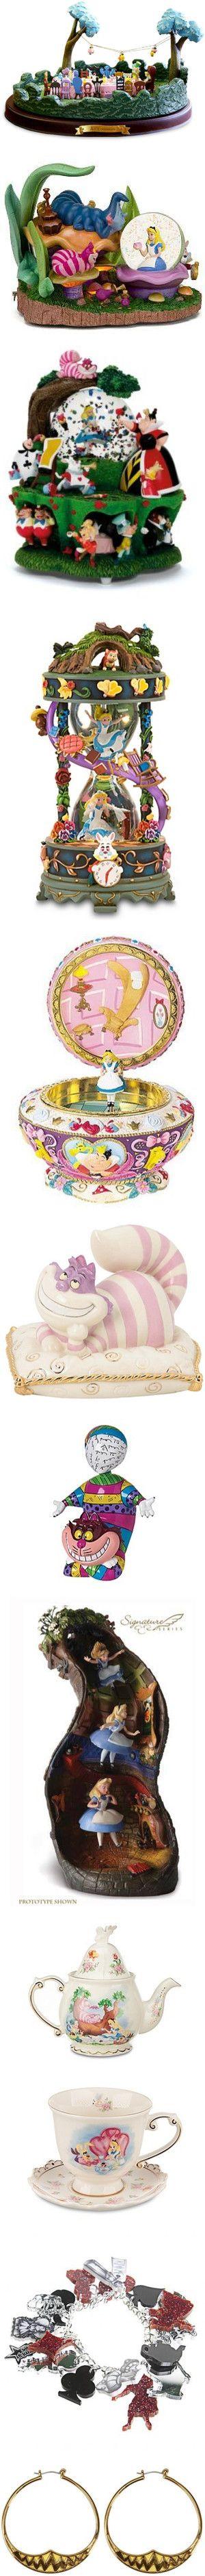 25 B Sta Alice I Underlandet Id Erna P Pinterest Wonderland Fantasi Och Smilkatten